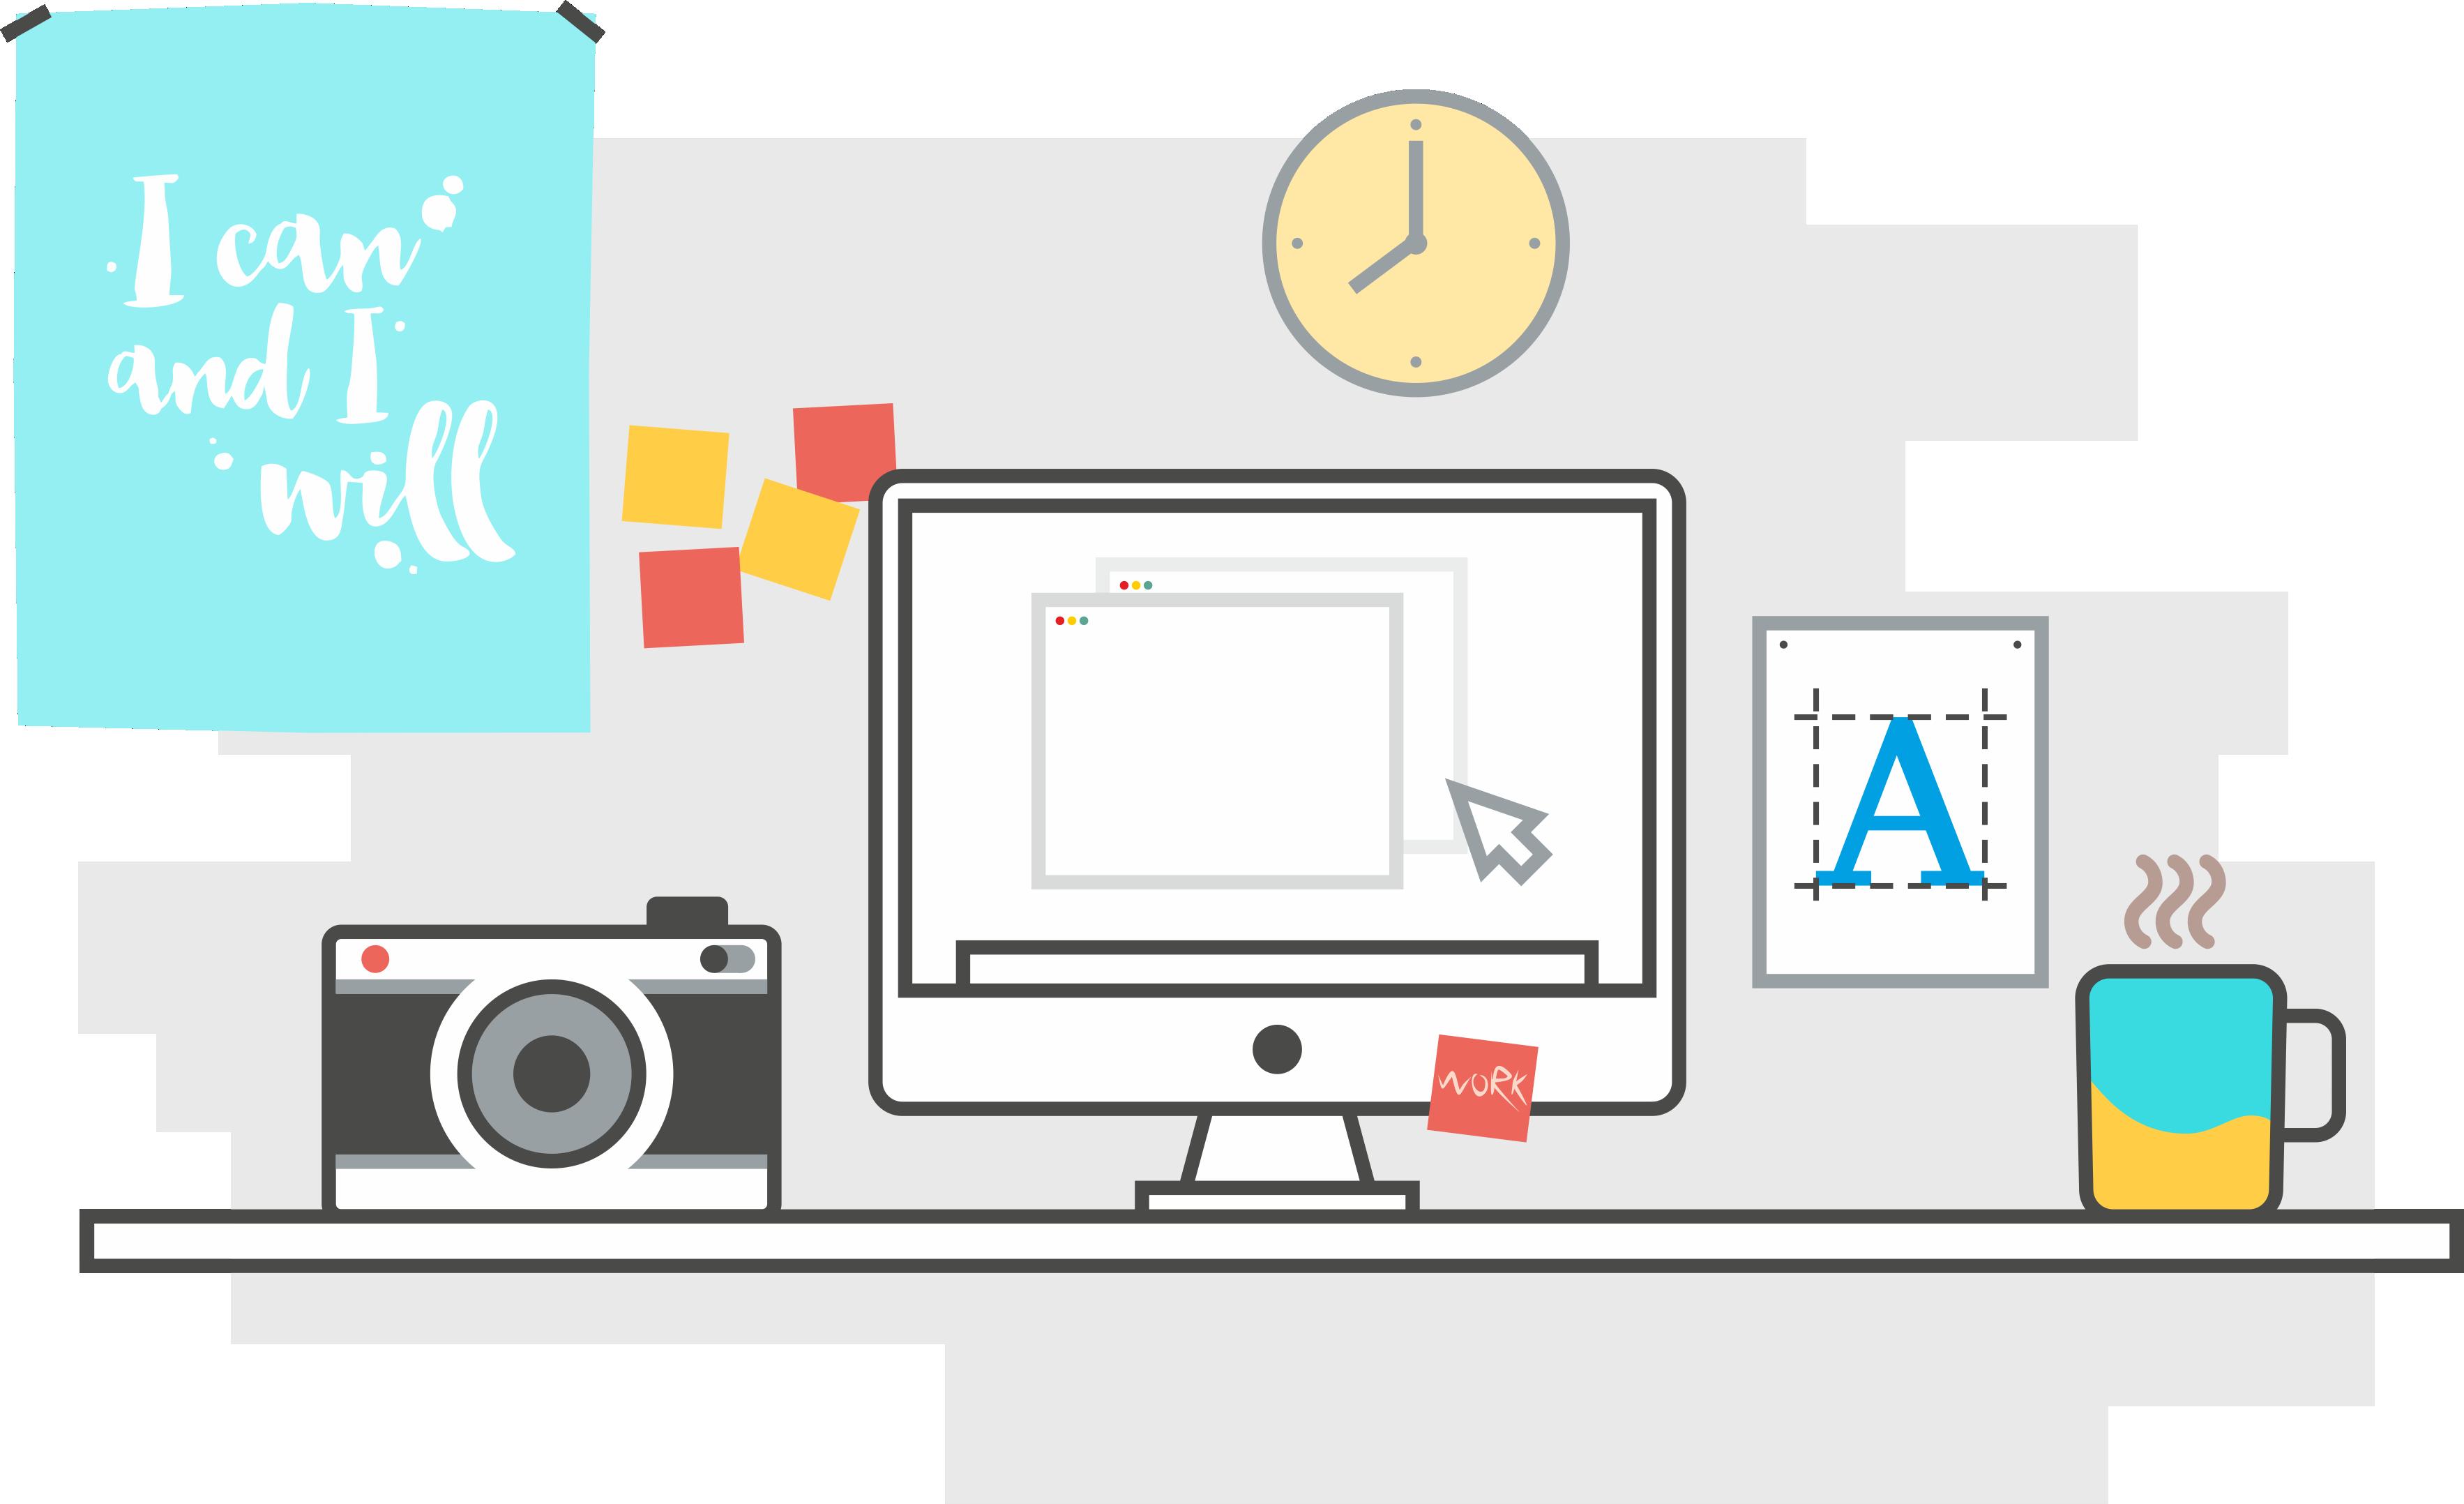 közösségi média marketing vizuális tartalomgyártó stúdió